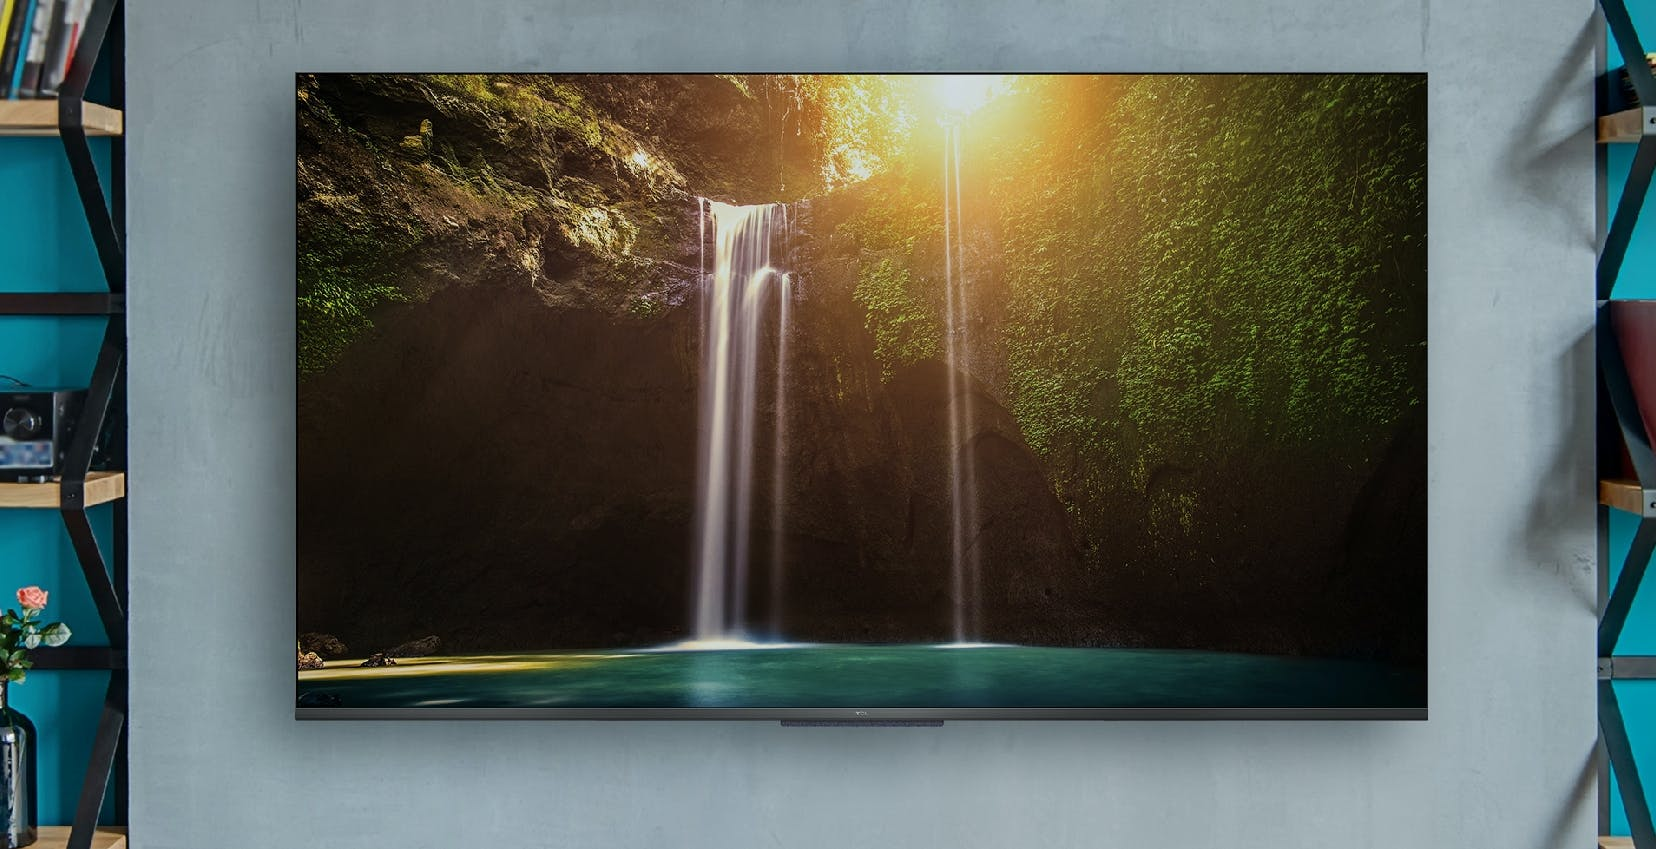 TCL lancia in Italia le Serie P61 e P81: Android TV, 4K e HDR a partire da 349 euro